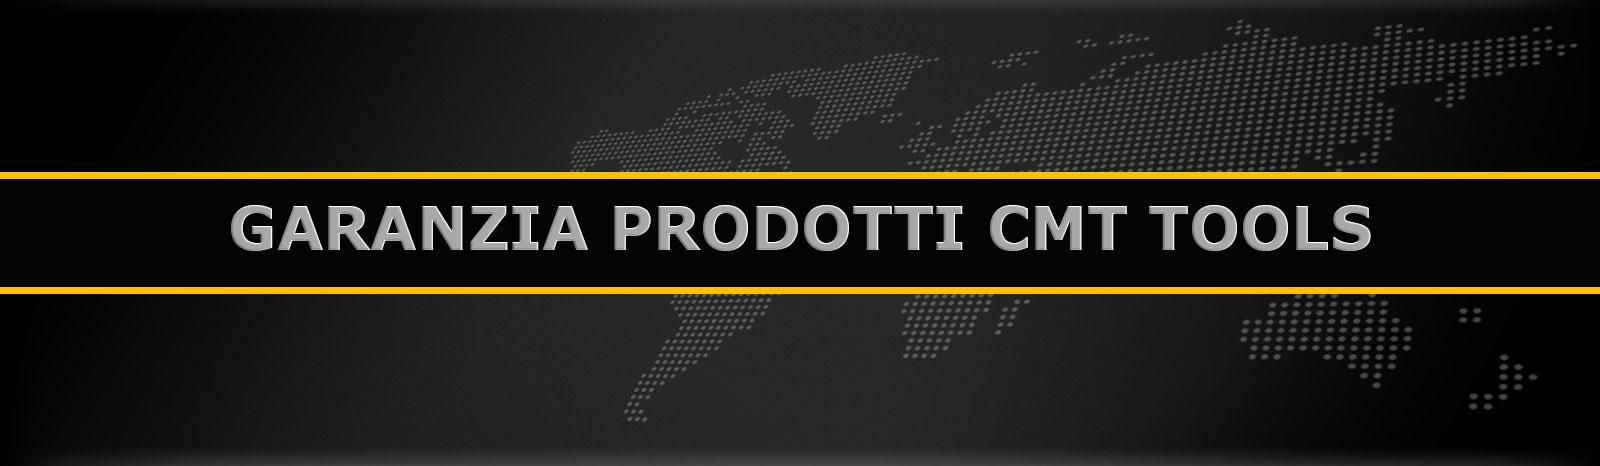 Garanzia prodotti CMT